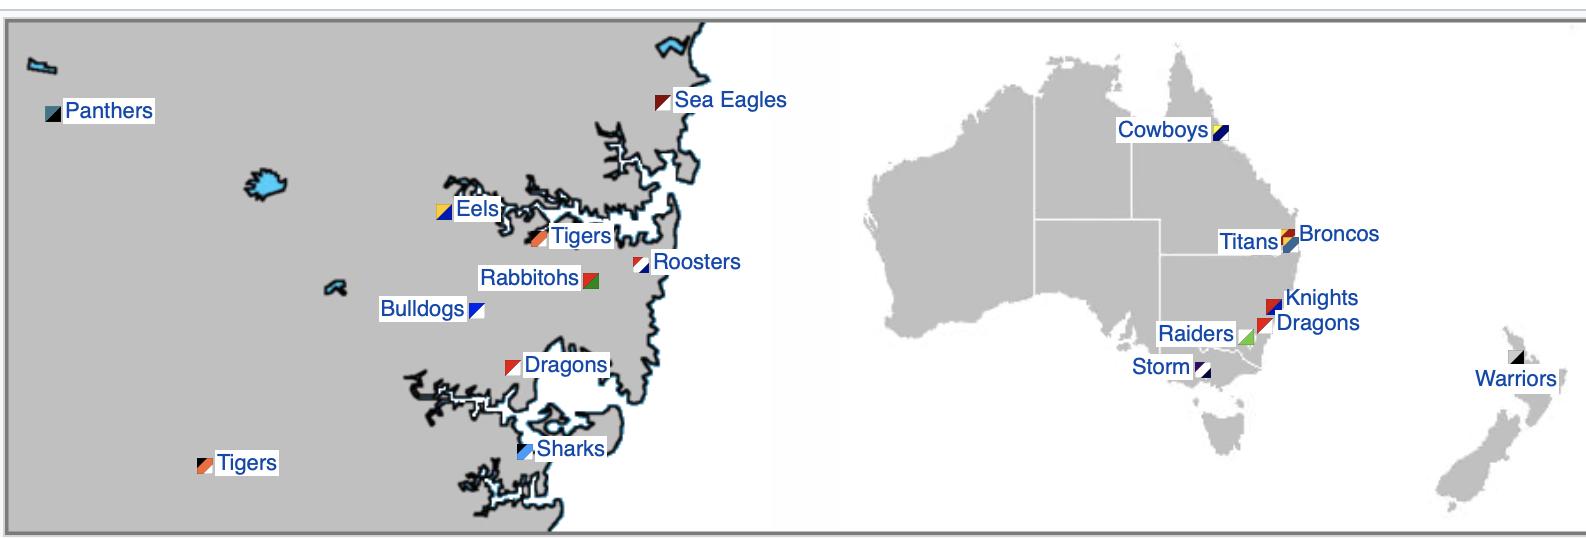 NRL Teams (via Wikipedia)